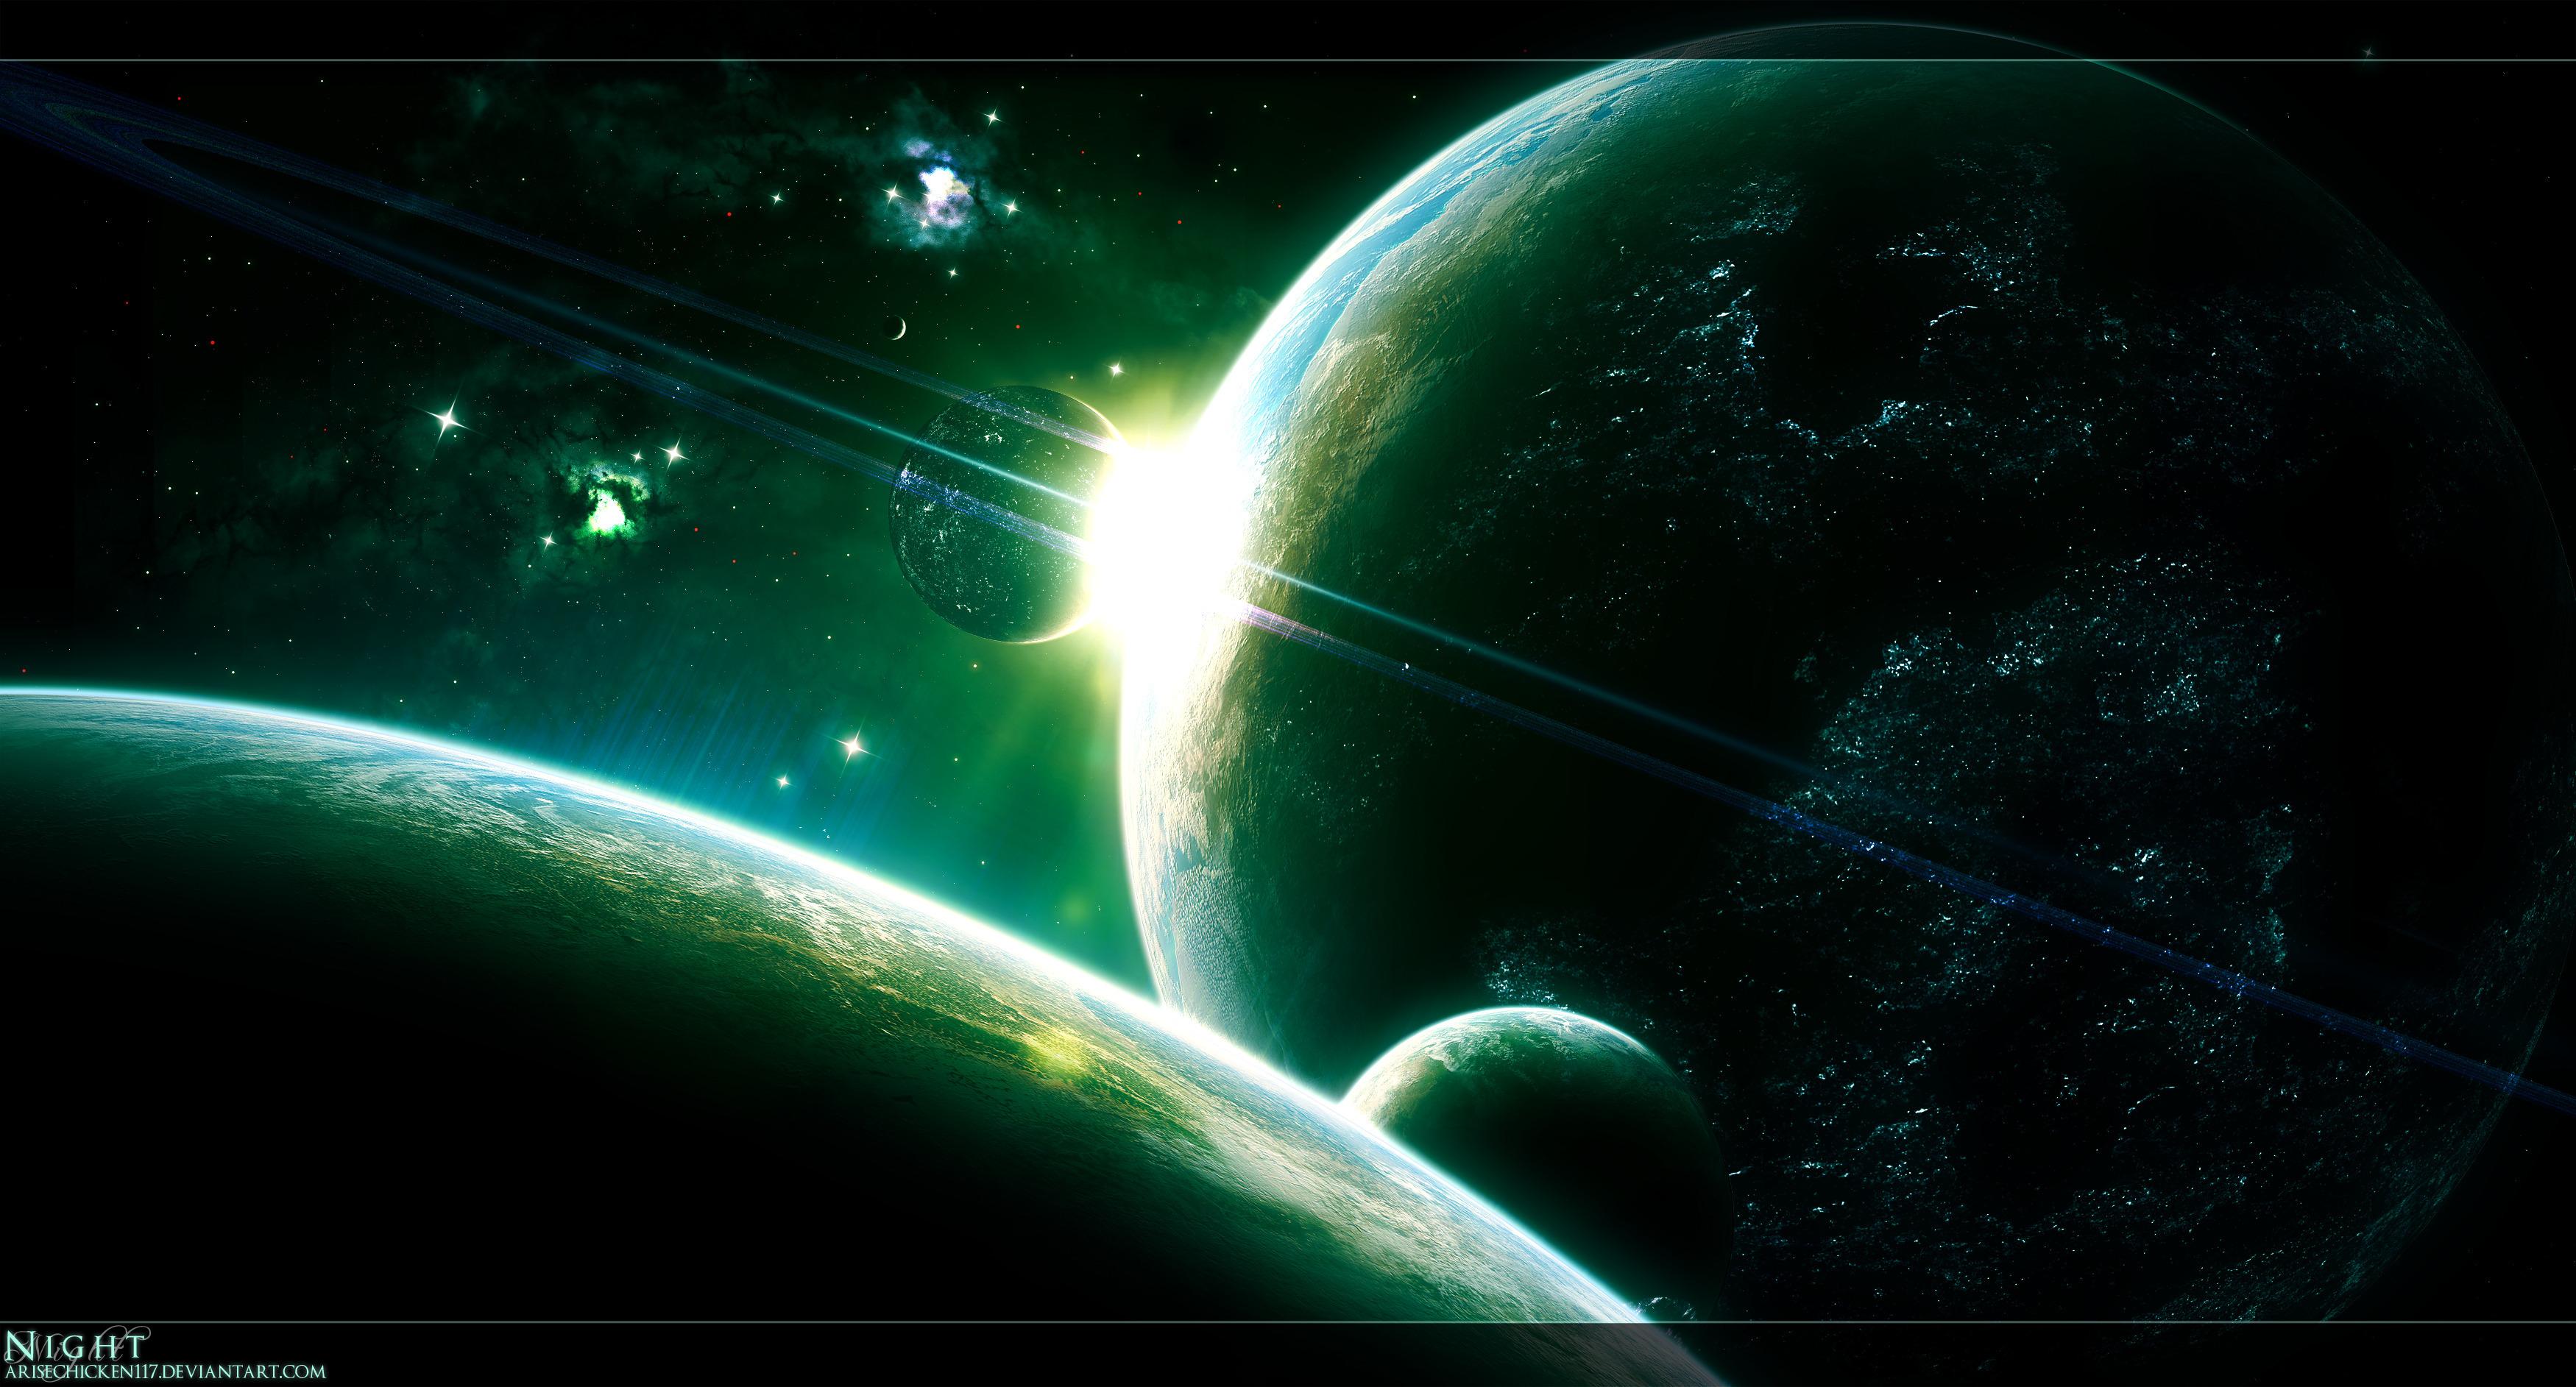 Обои Зелено-красный свет картинки на рабочий стол на тему Космос - скачать  № 1764119 бесплатно